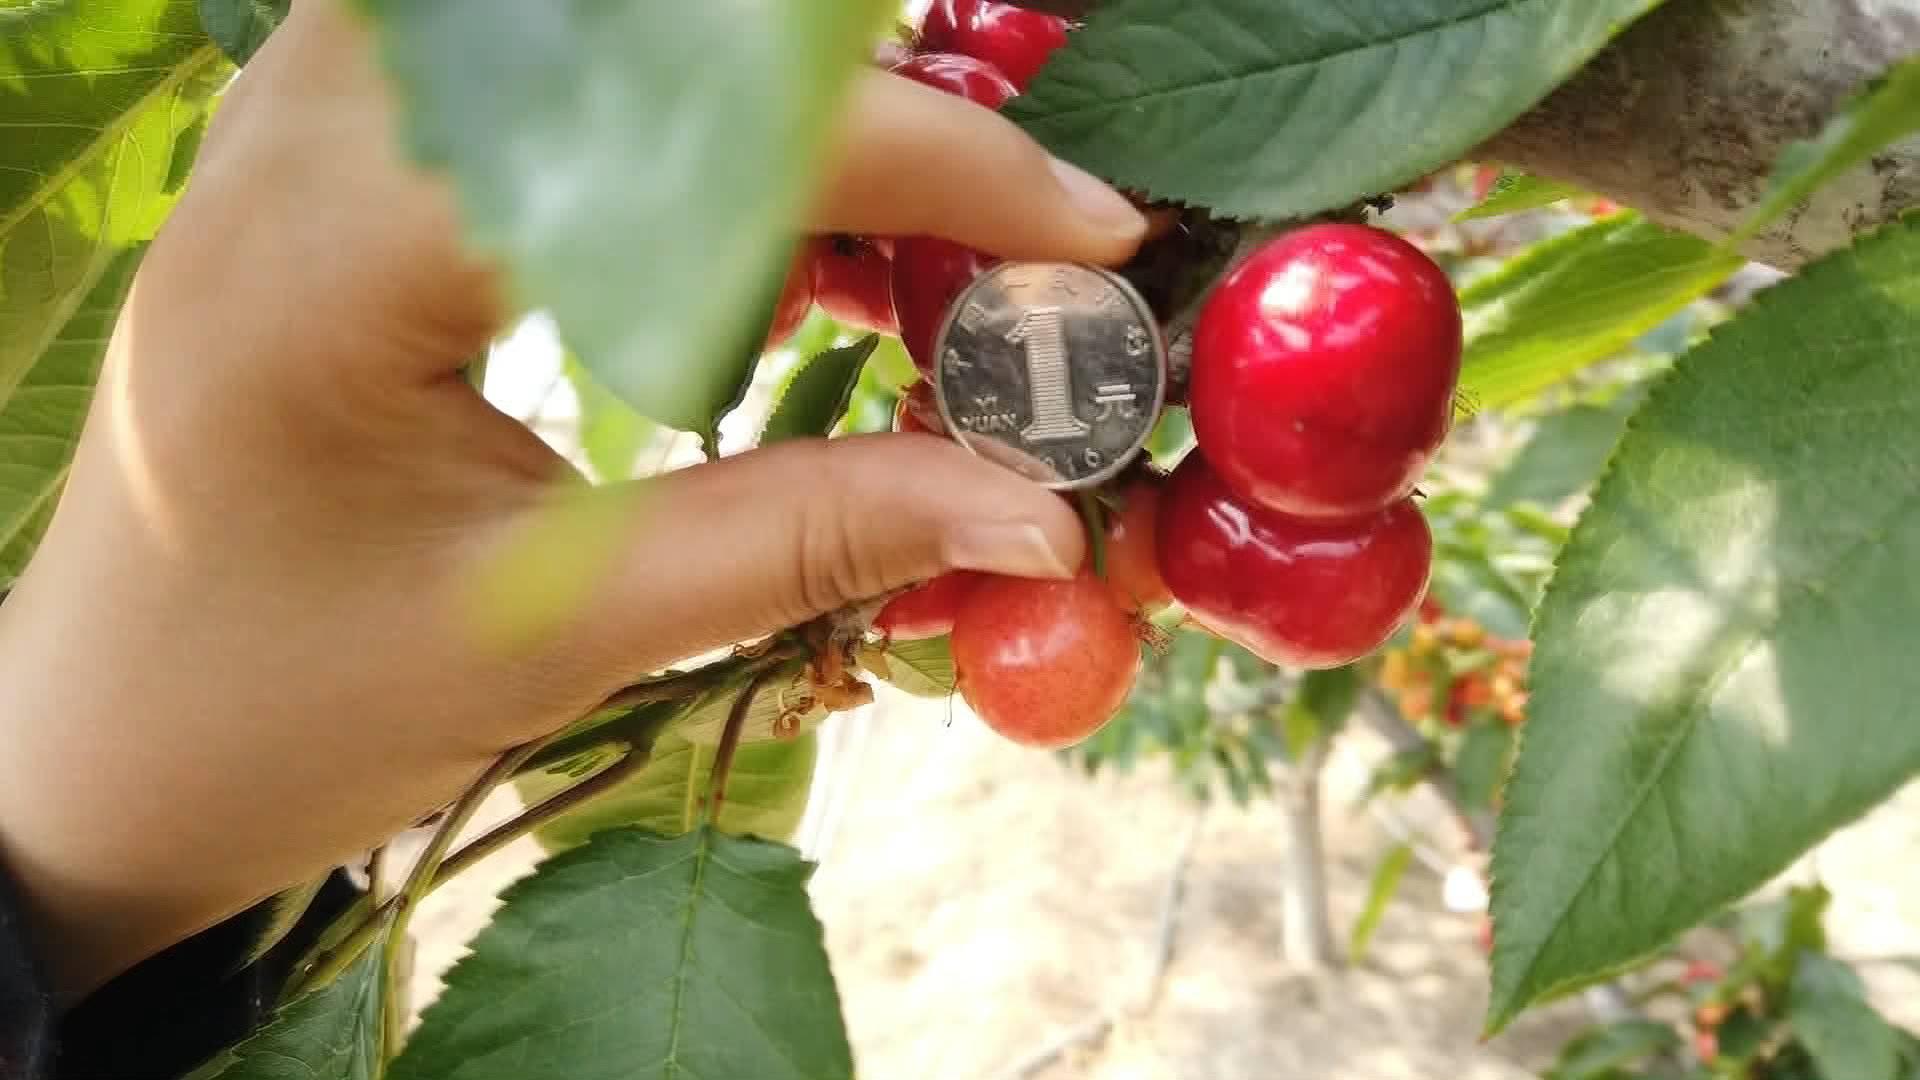 39秒丨烟台大棚樱桃即将上市:个头如一元硬币 预计80元一斤